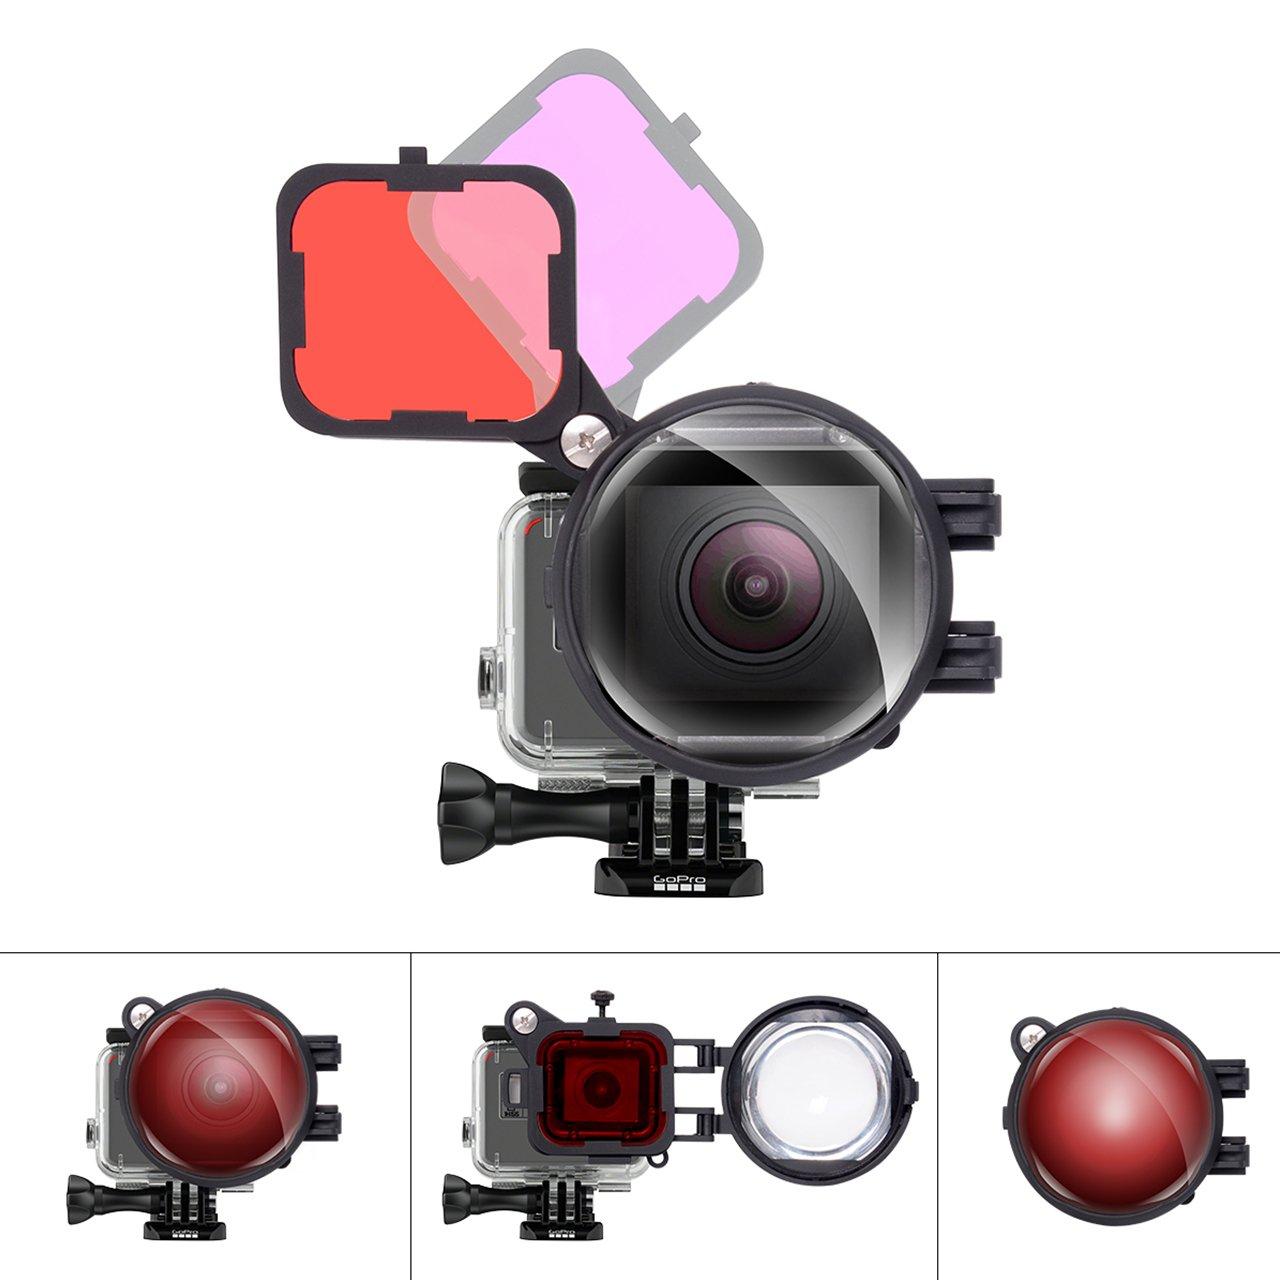 fantaseal Pro 3 in1 lente de buceo juego de filtros para GoPro bajo el agua buceo Snorkel lente filtro rojo + magentafilter + 16 x de cerca lente macro w/anti-Loose bloqueo de seguridad para GoPro Hero 5 lente buceo filtro Victool V